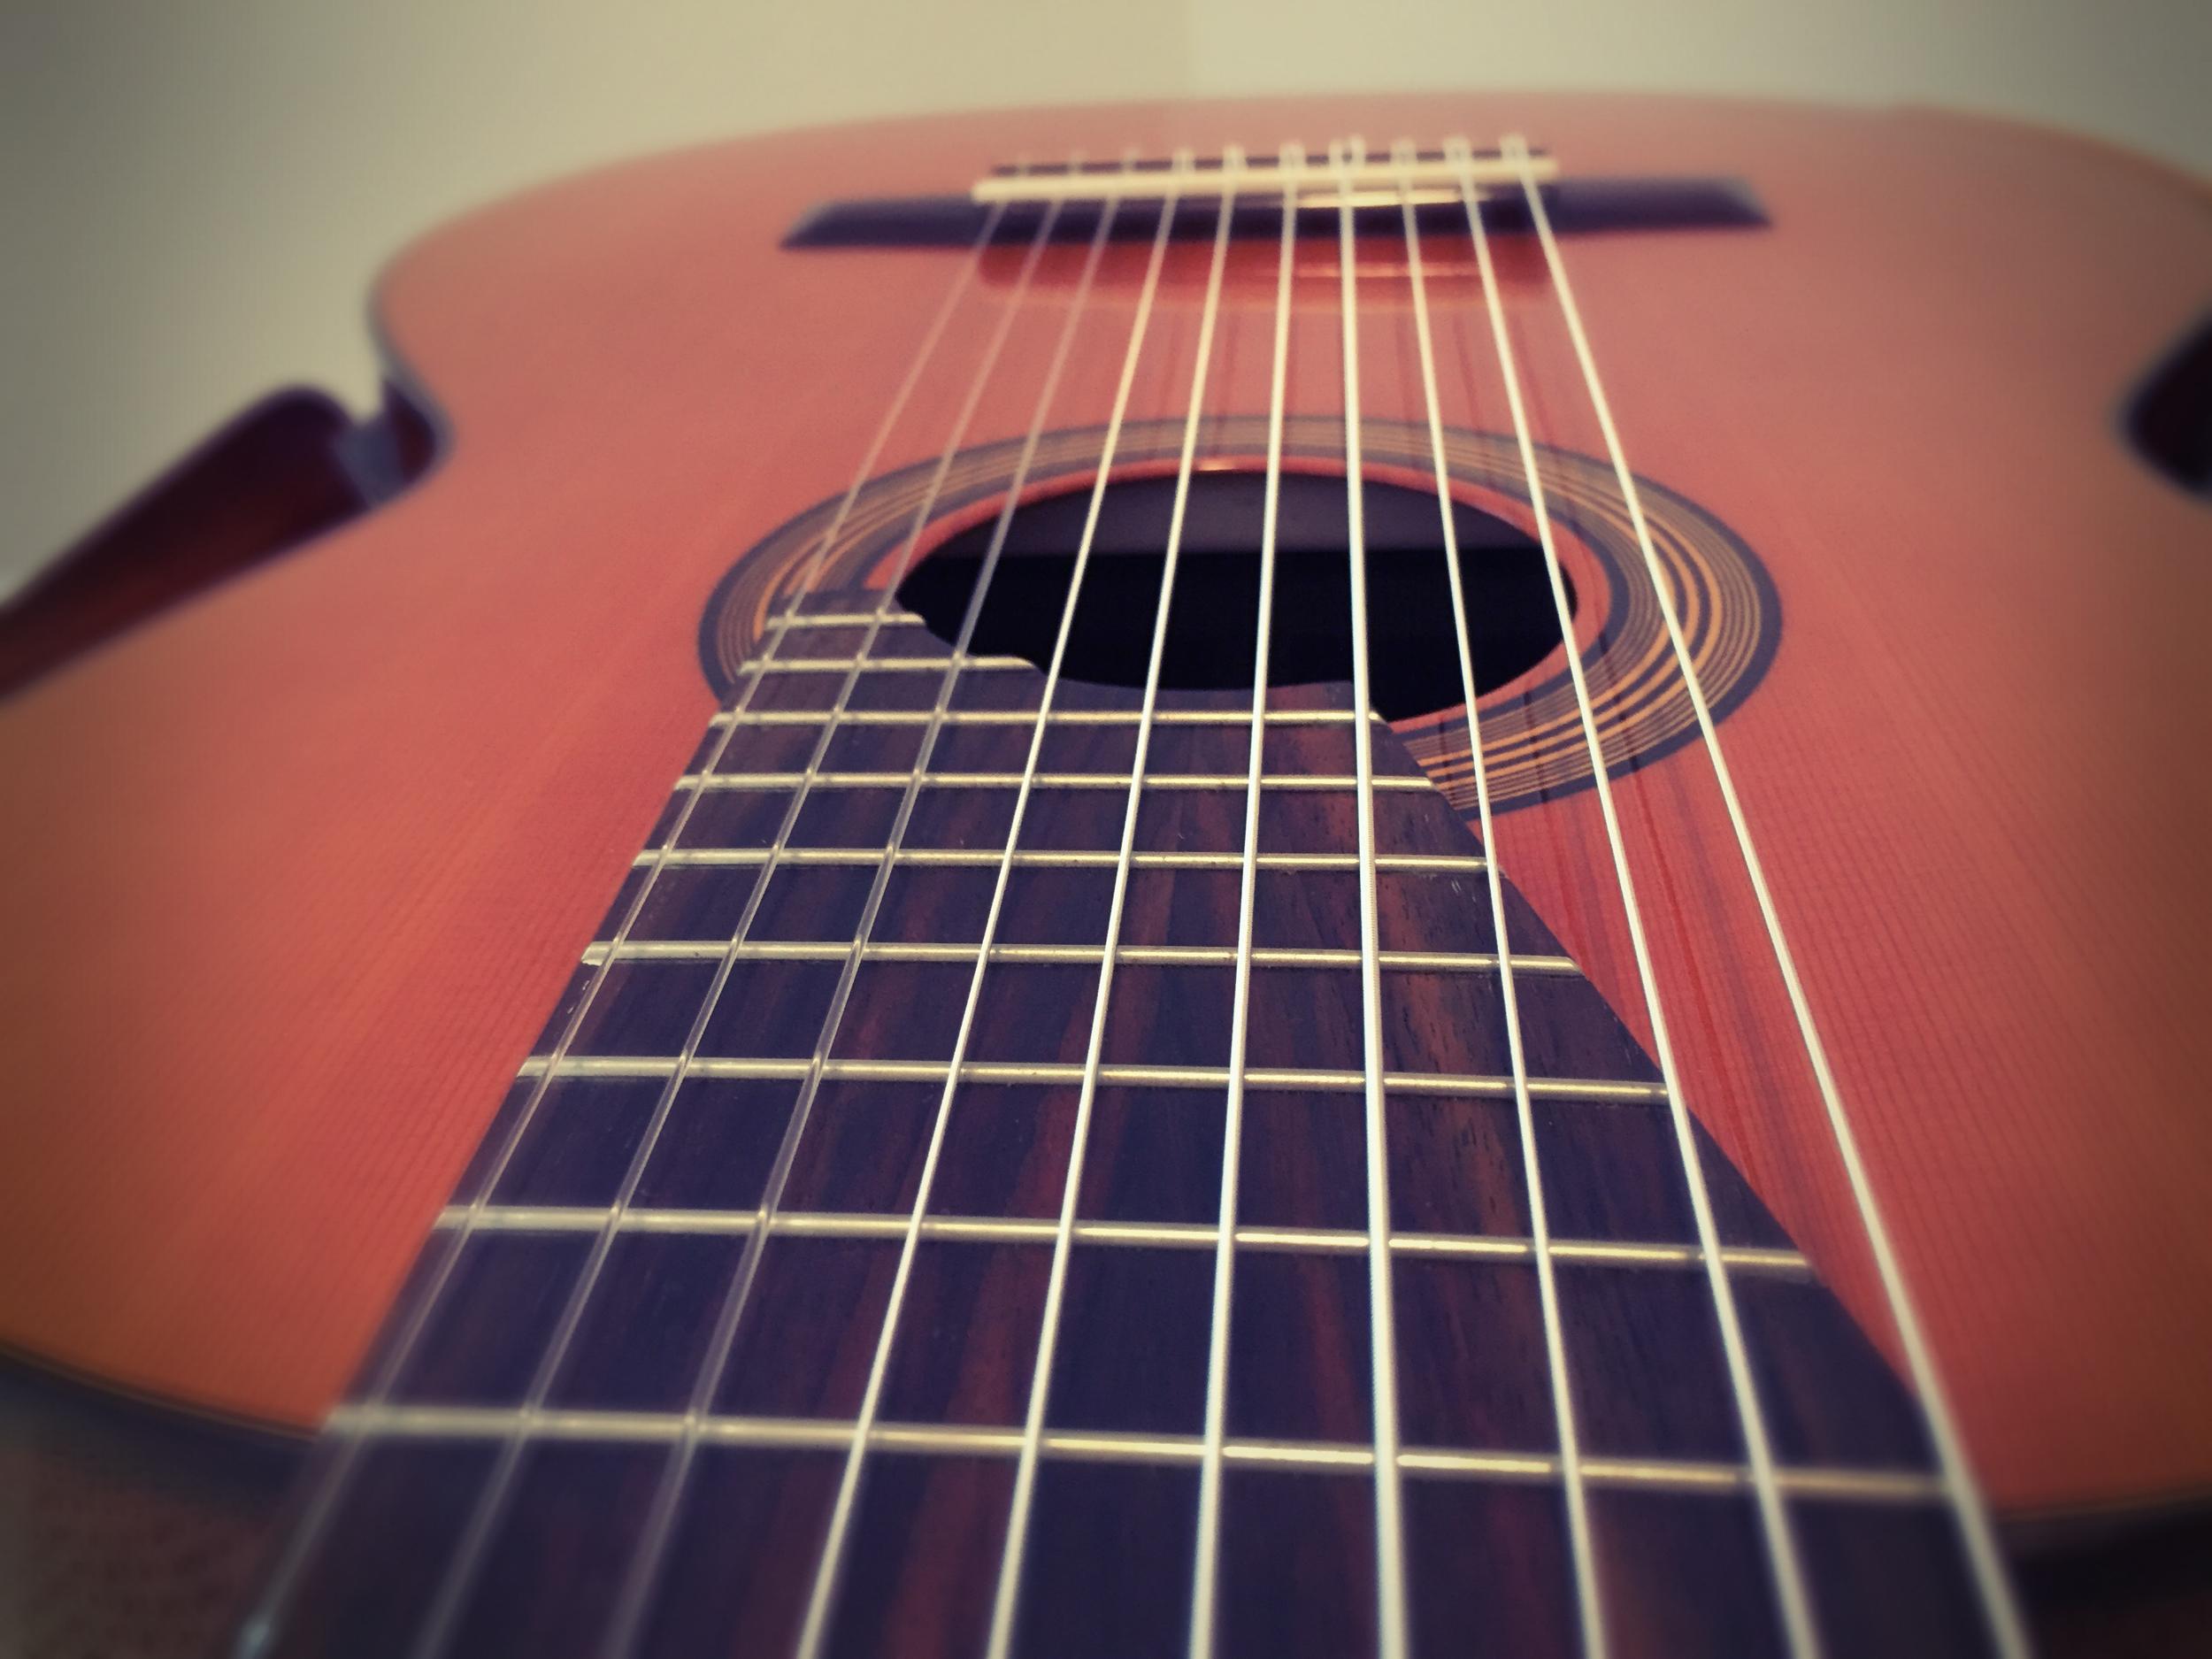 10-String.jpg